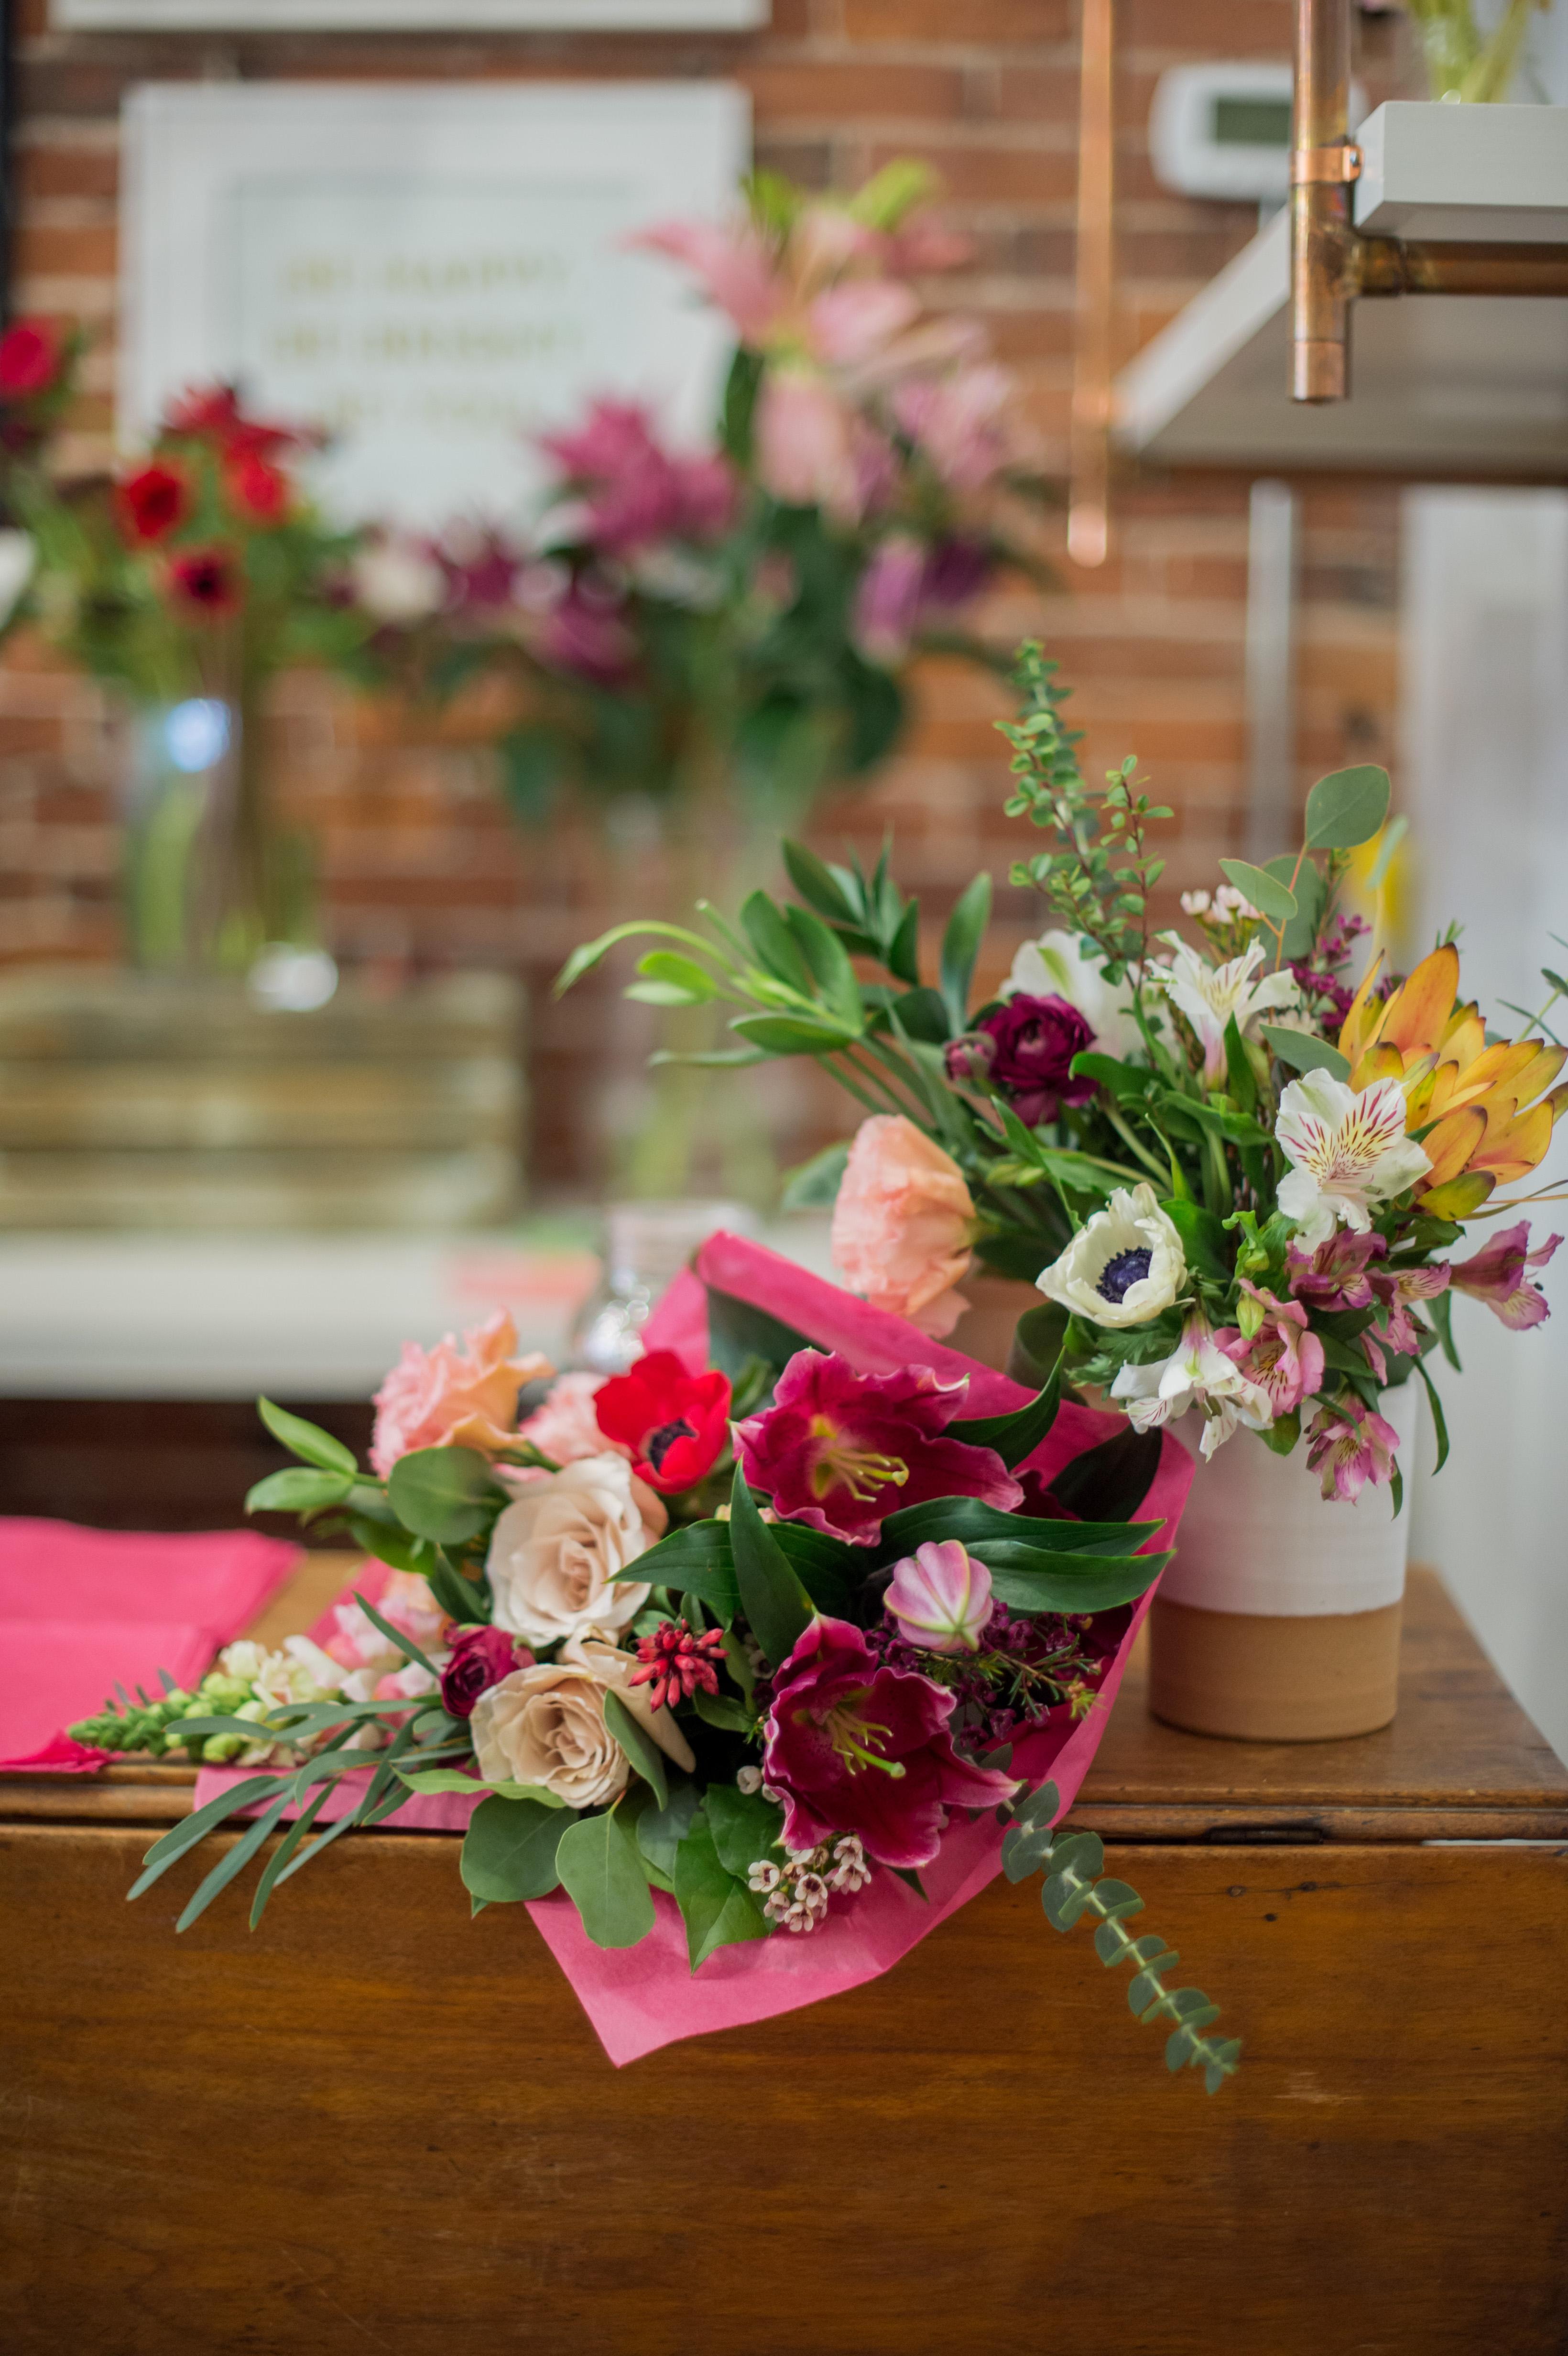 Valentine's Day Pop-Up Floral Shops